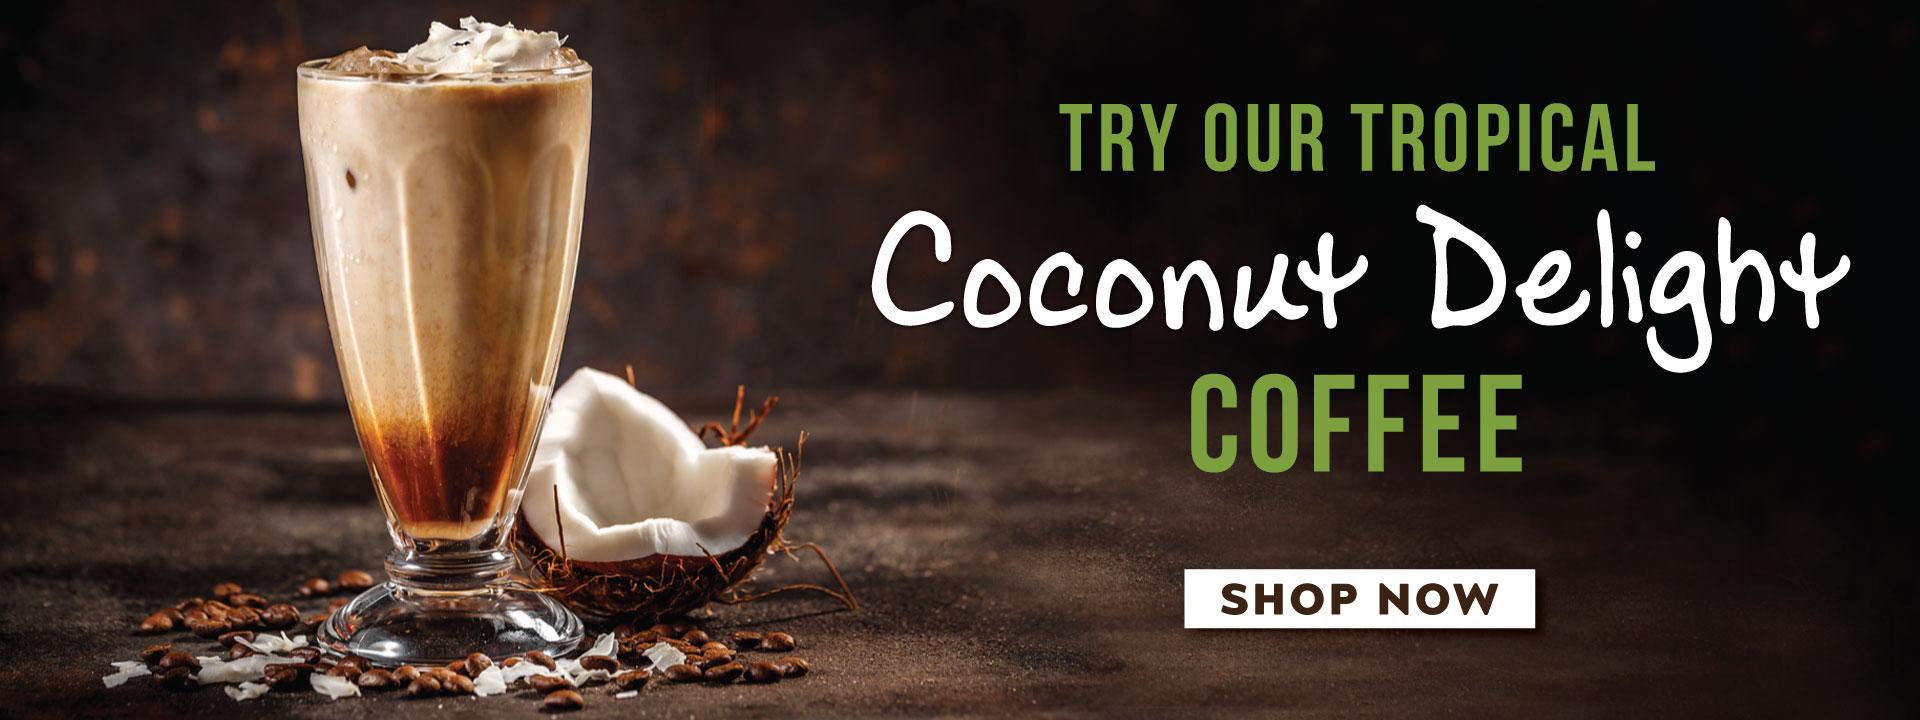 coconut delight